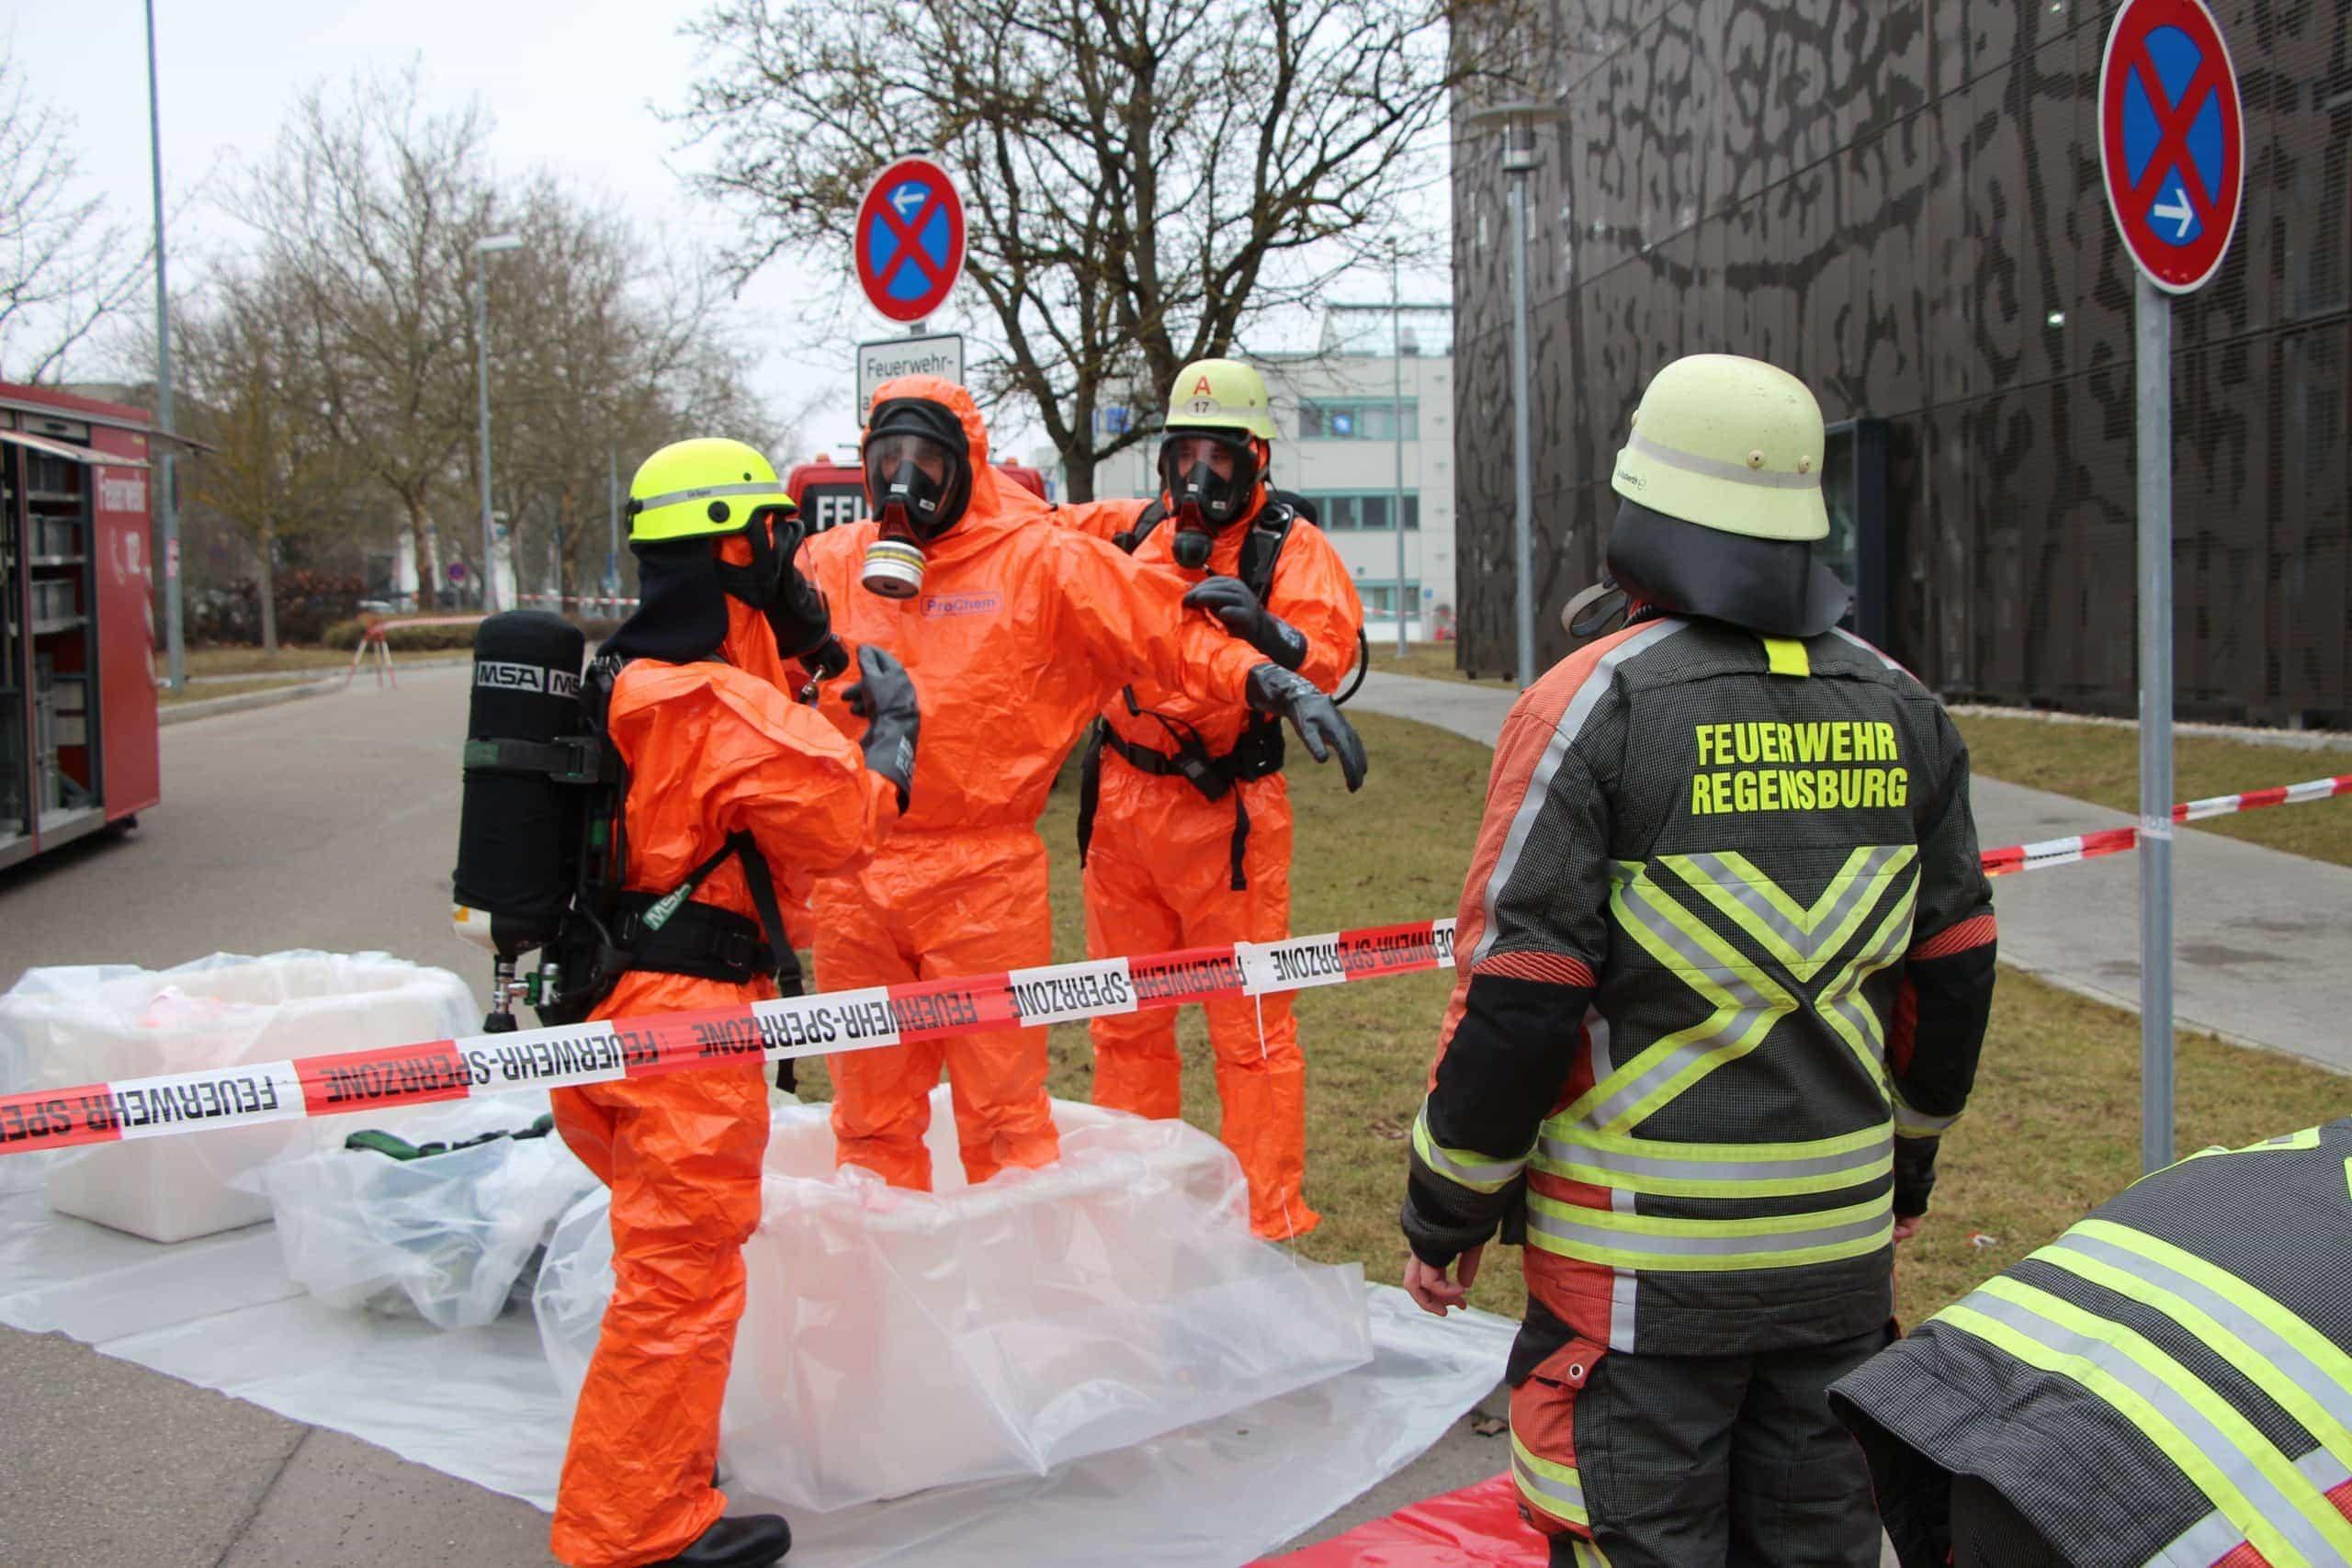 Bildergalerie: Silounfall und Gefahrstoffalarm in Regensburg Fotos der Rettungsaktion